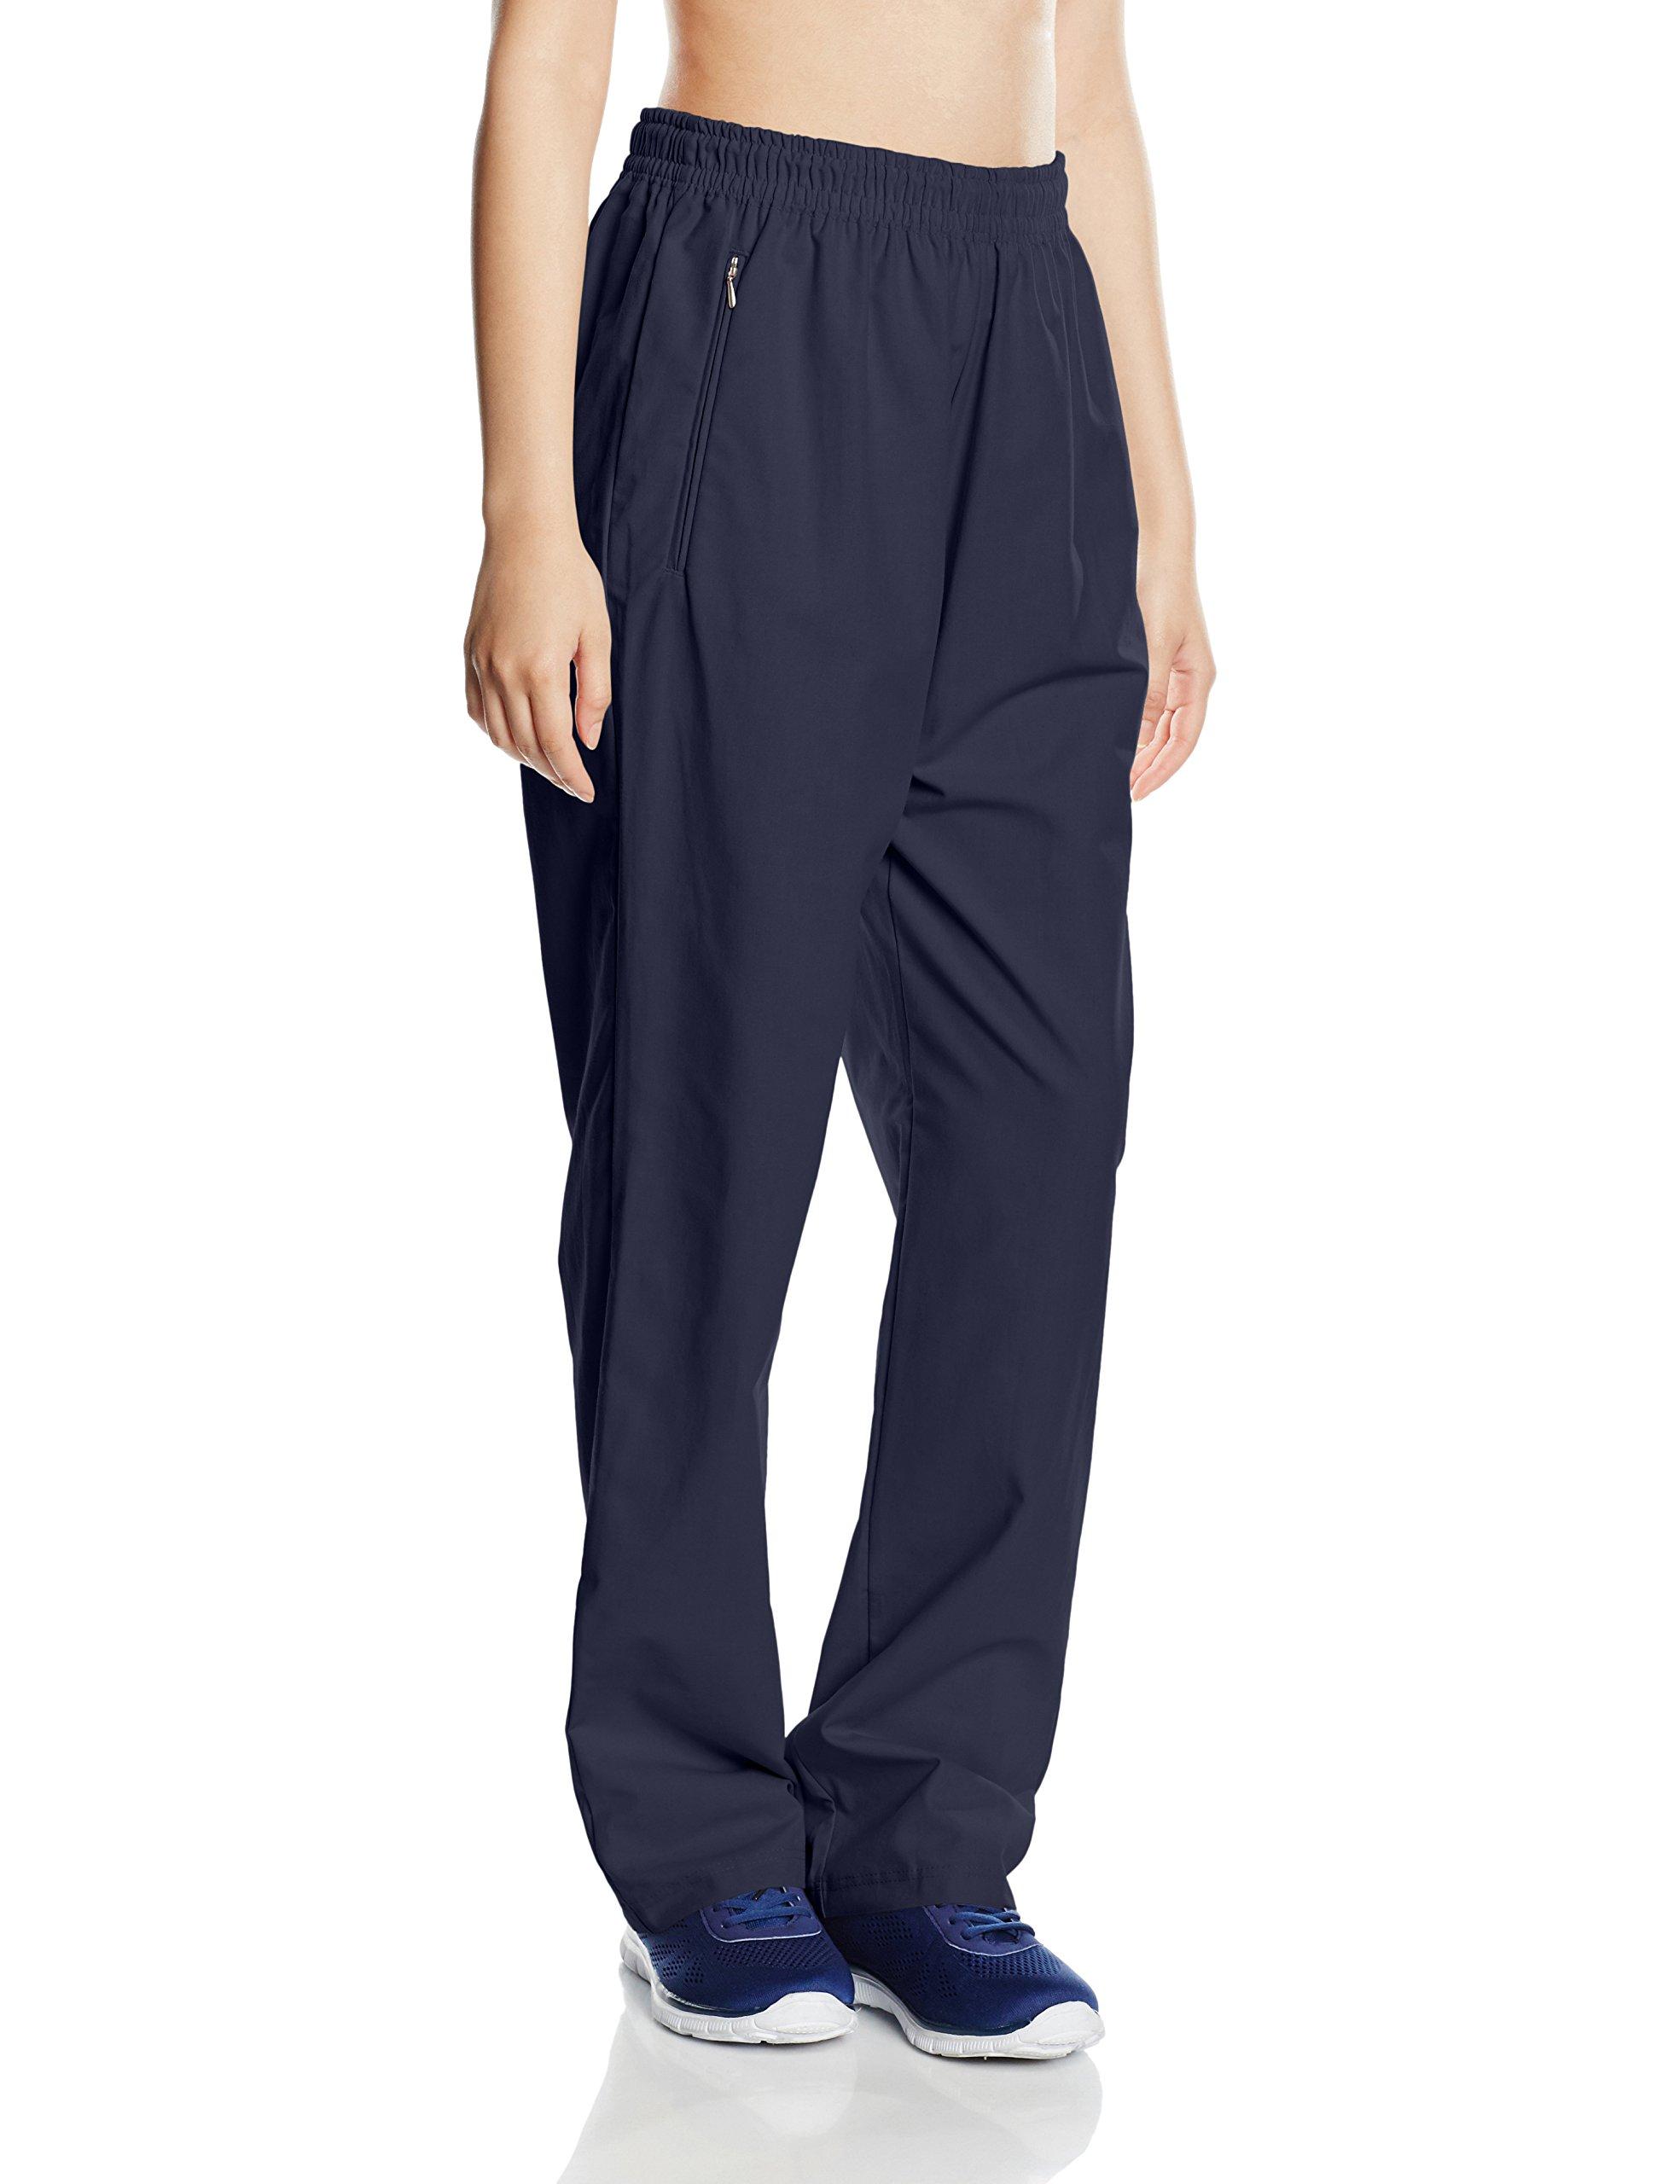 Pantalon De 046W52 Trigema Freizeithose Sportblau 100Baumwolle Mixte Damen SGLzVqMpU